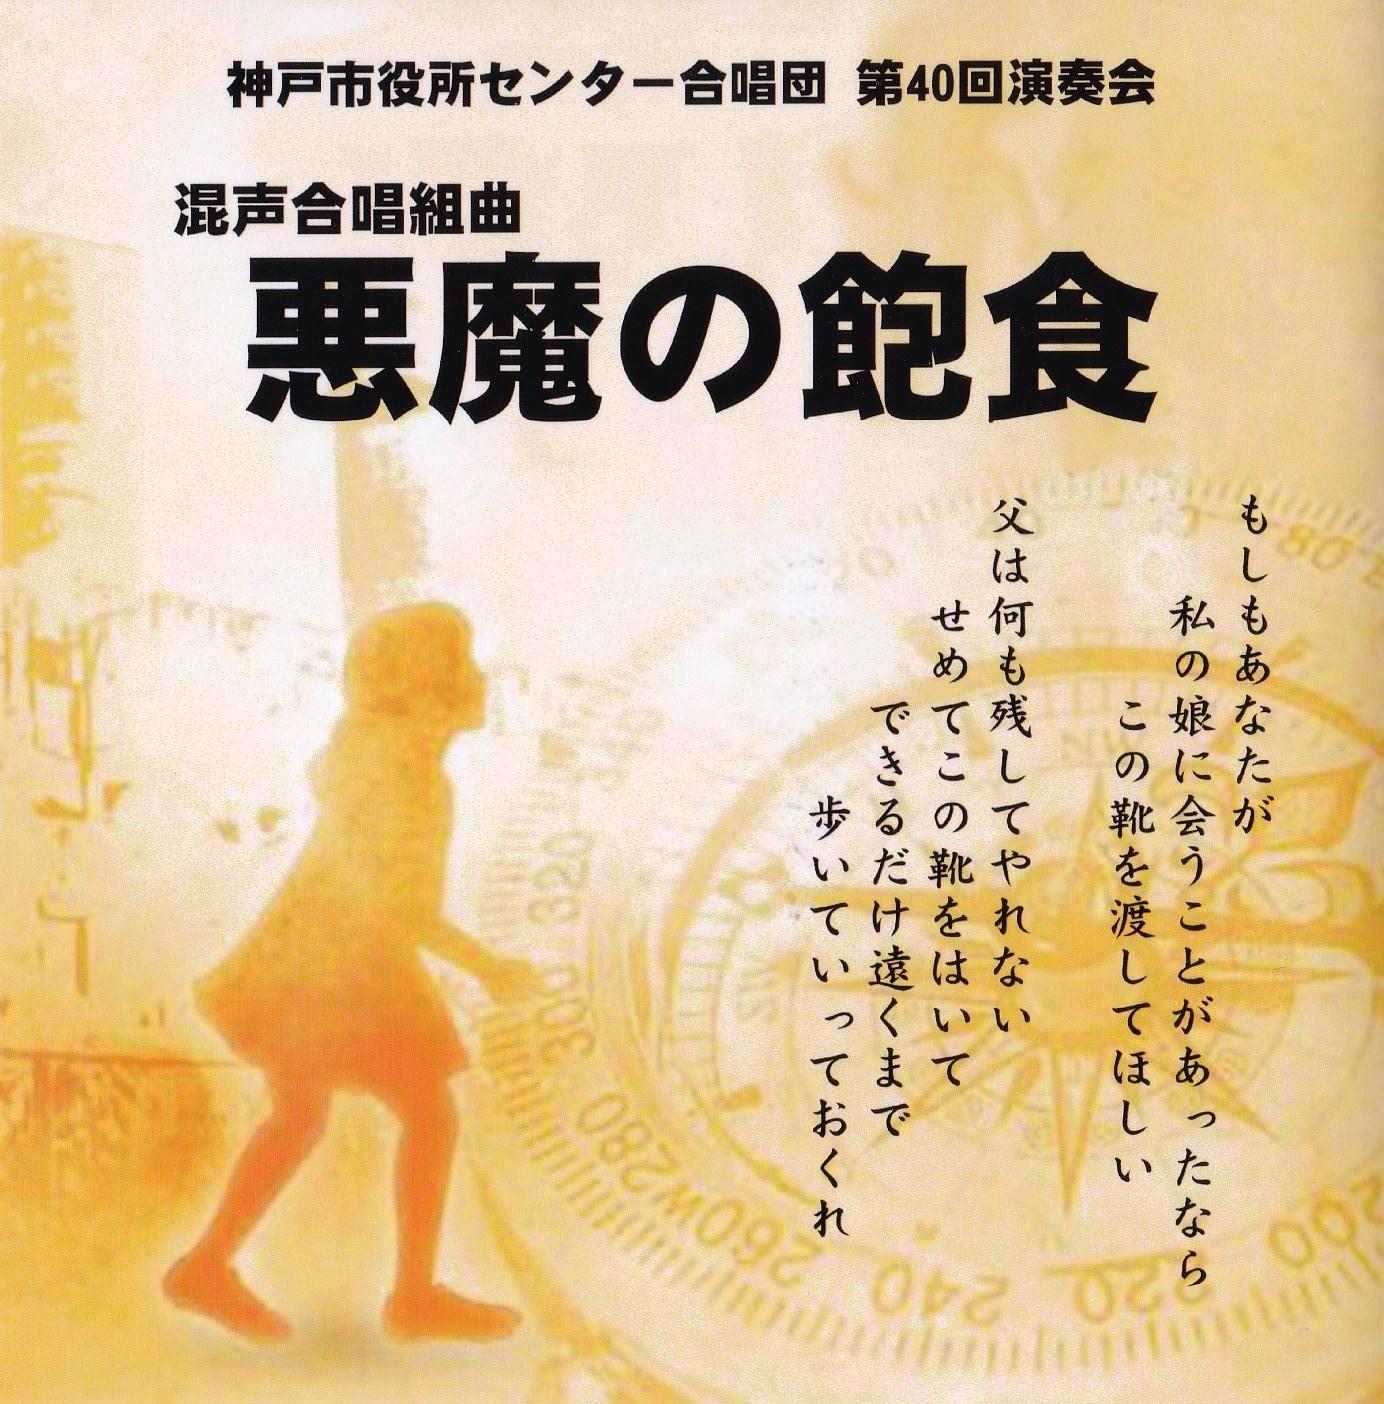 神戸市役所センター合唱団 第40回定期演奏会 混声合唱組曲 「悪魔の飽食」(DVD)